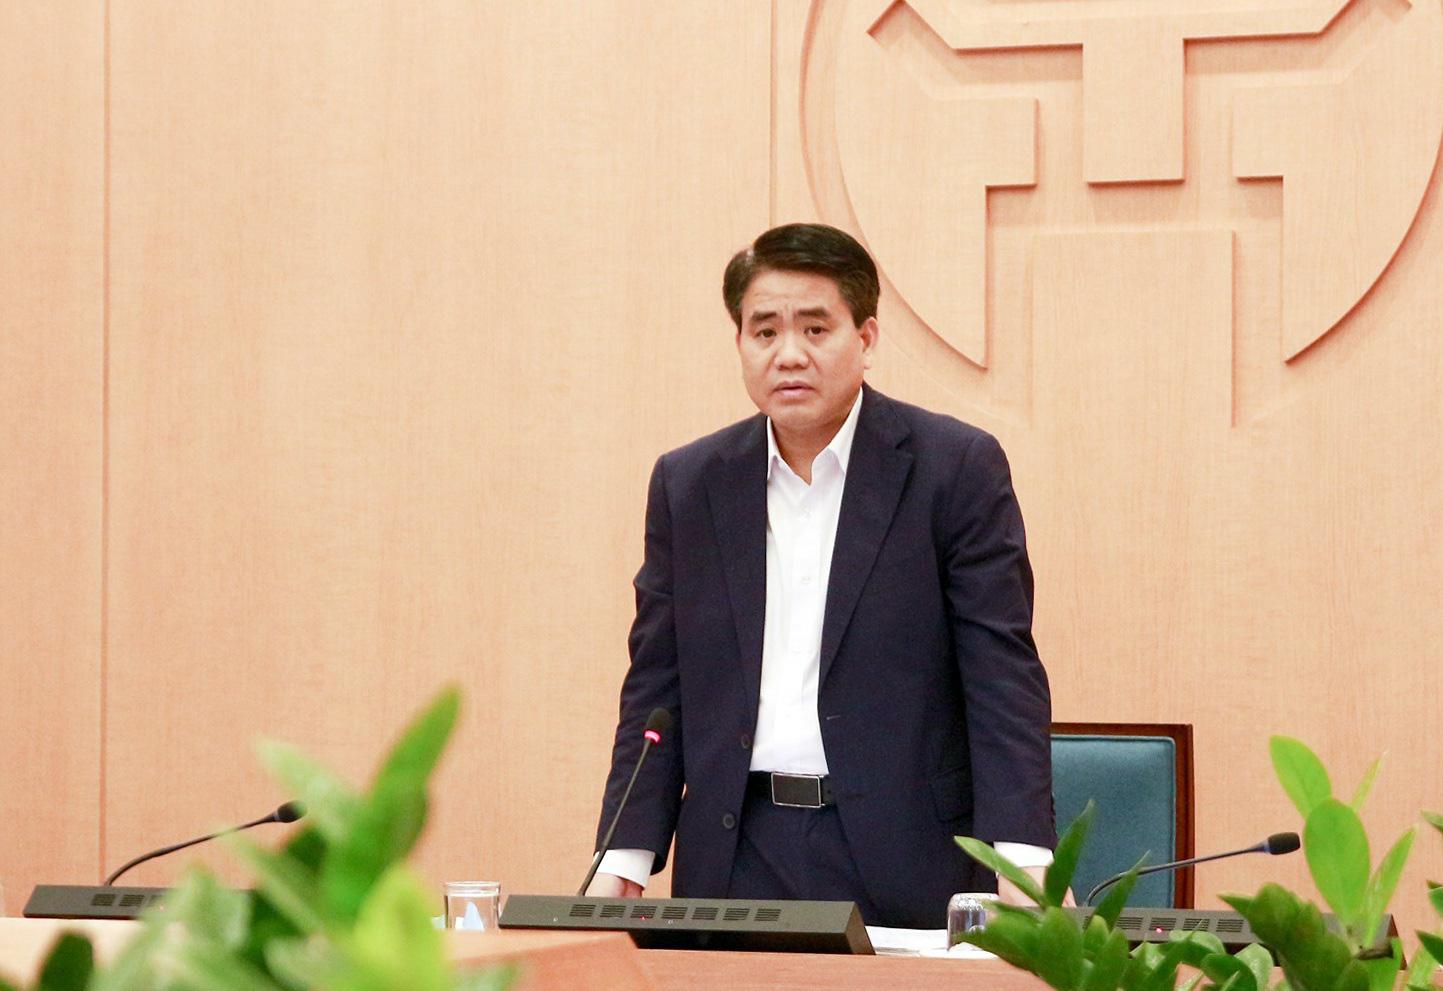 Chủ tịch Hà Nội lo ngại người dân ùa ra đường khi chưa hết cách li xã hội - Ảnh 1.